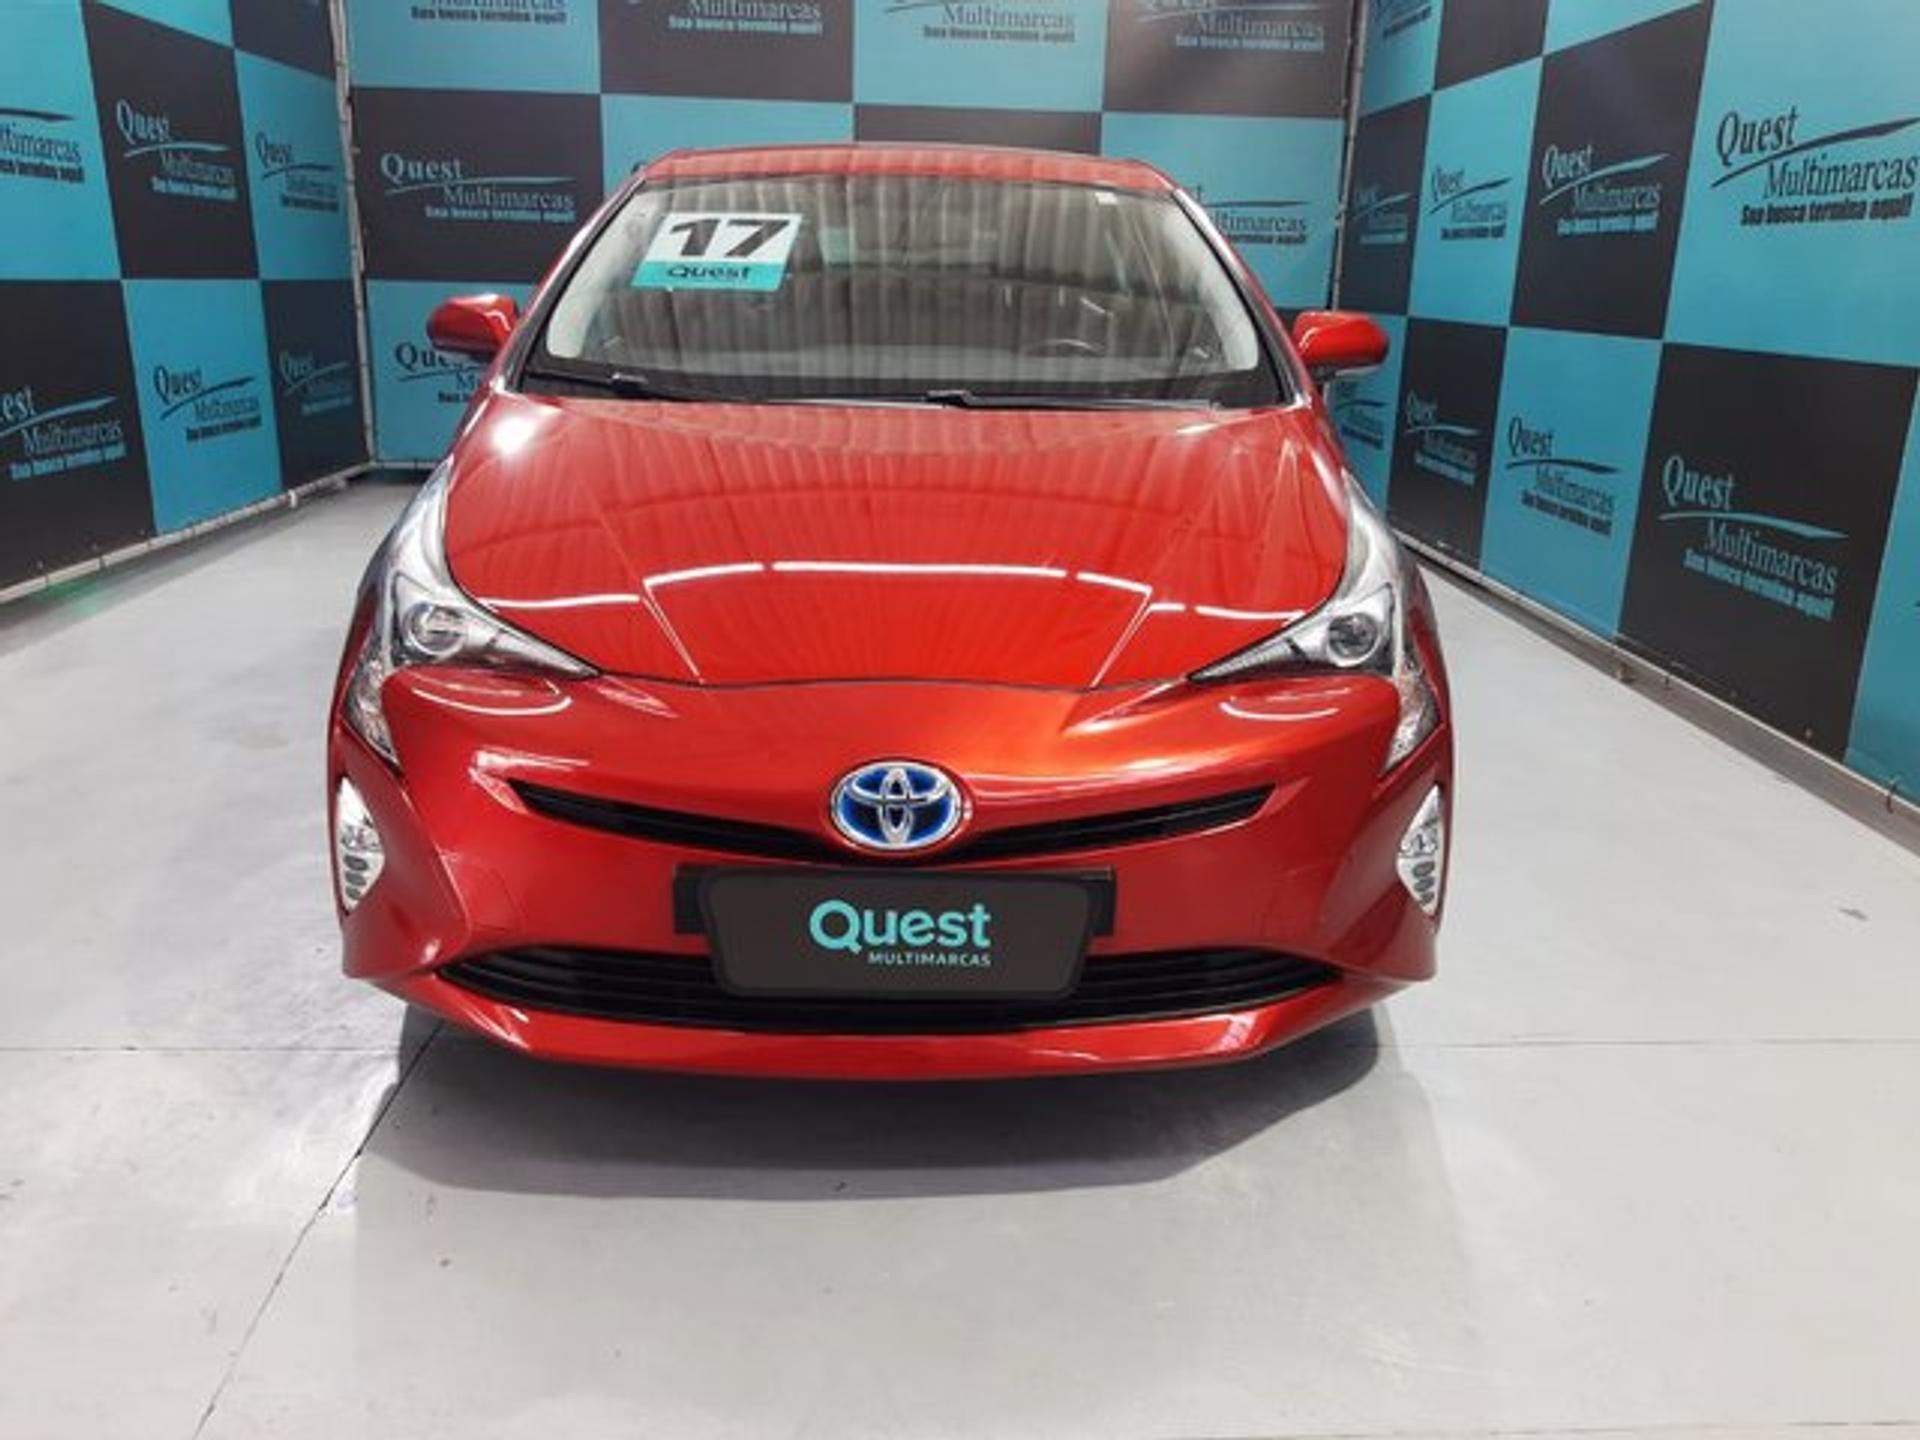 Toyota Prius 1.8 16v Hibrido 4p Automatico Wmimagem11155147560 2